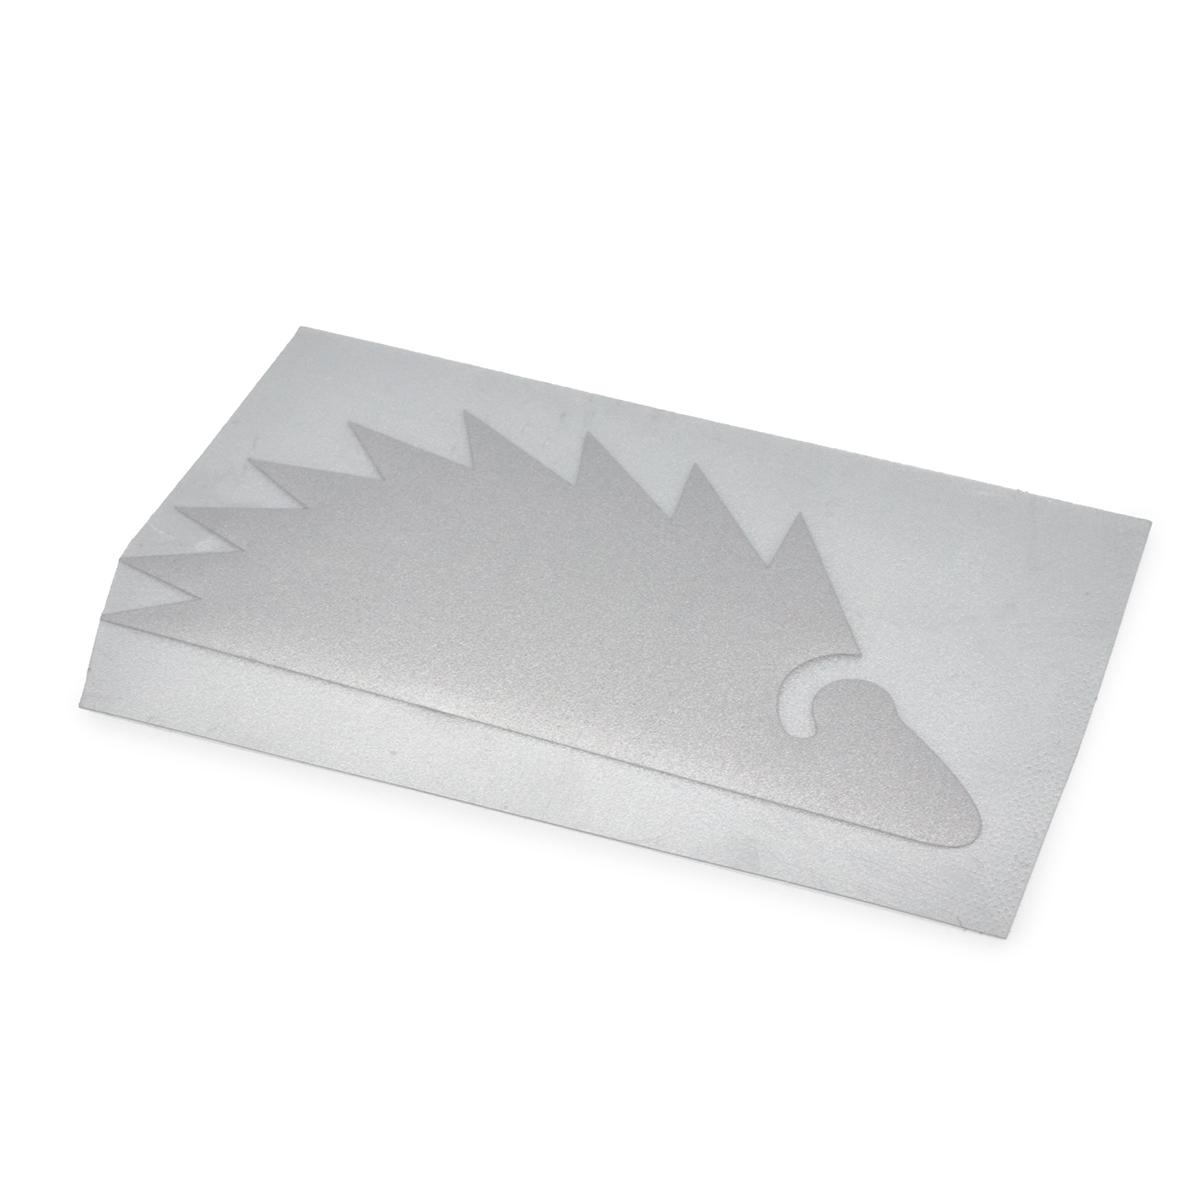 Светоотражающая наклейка на одежду 'Ёжик'